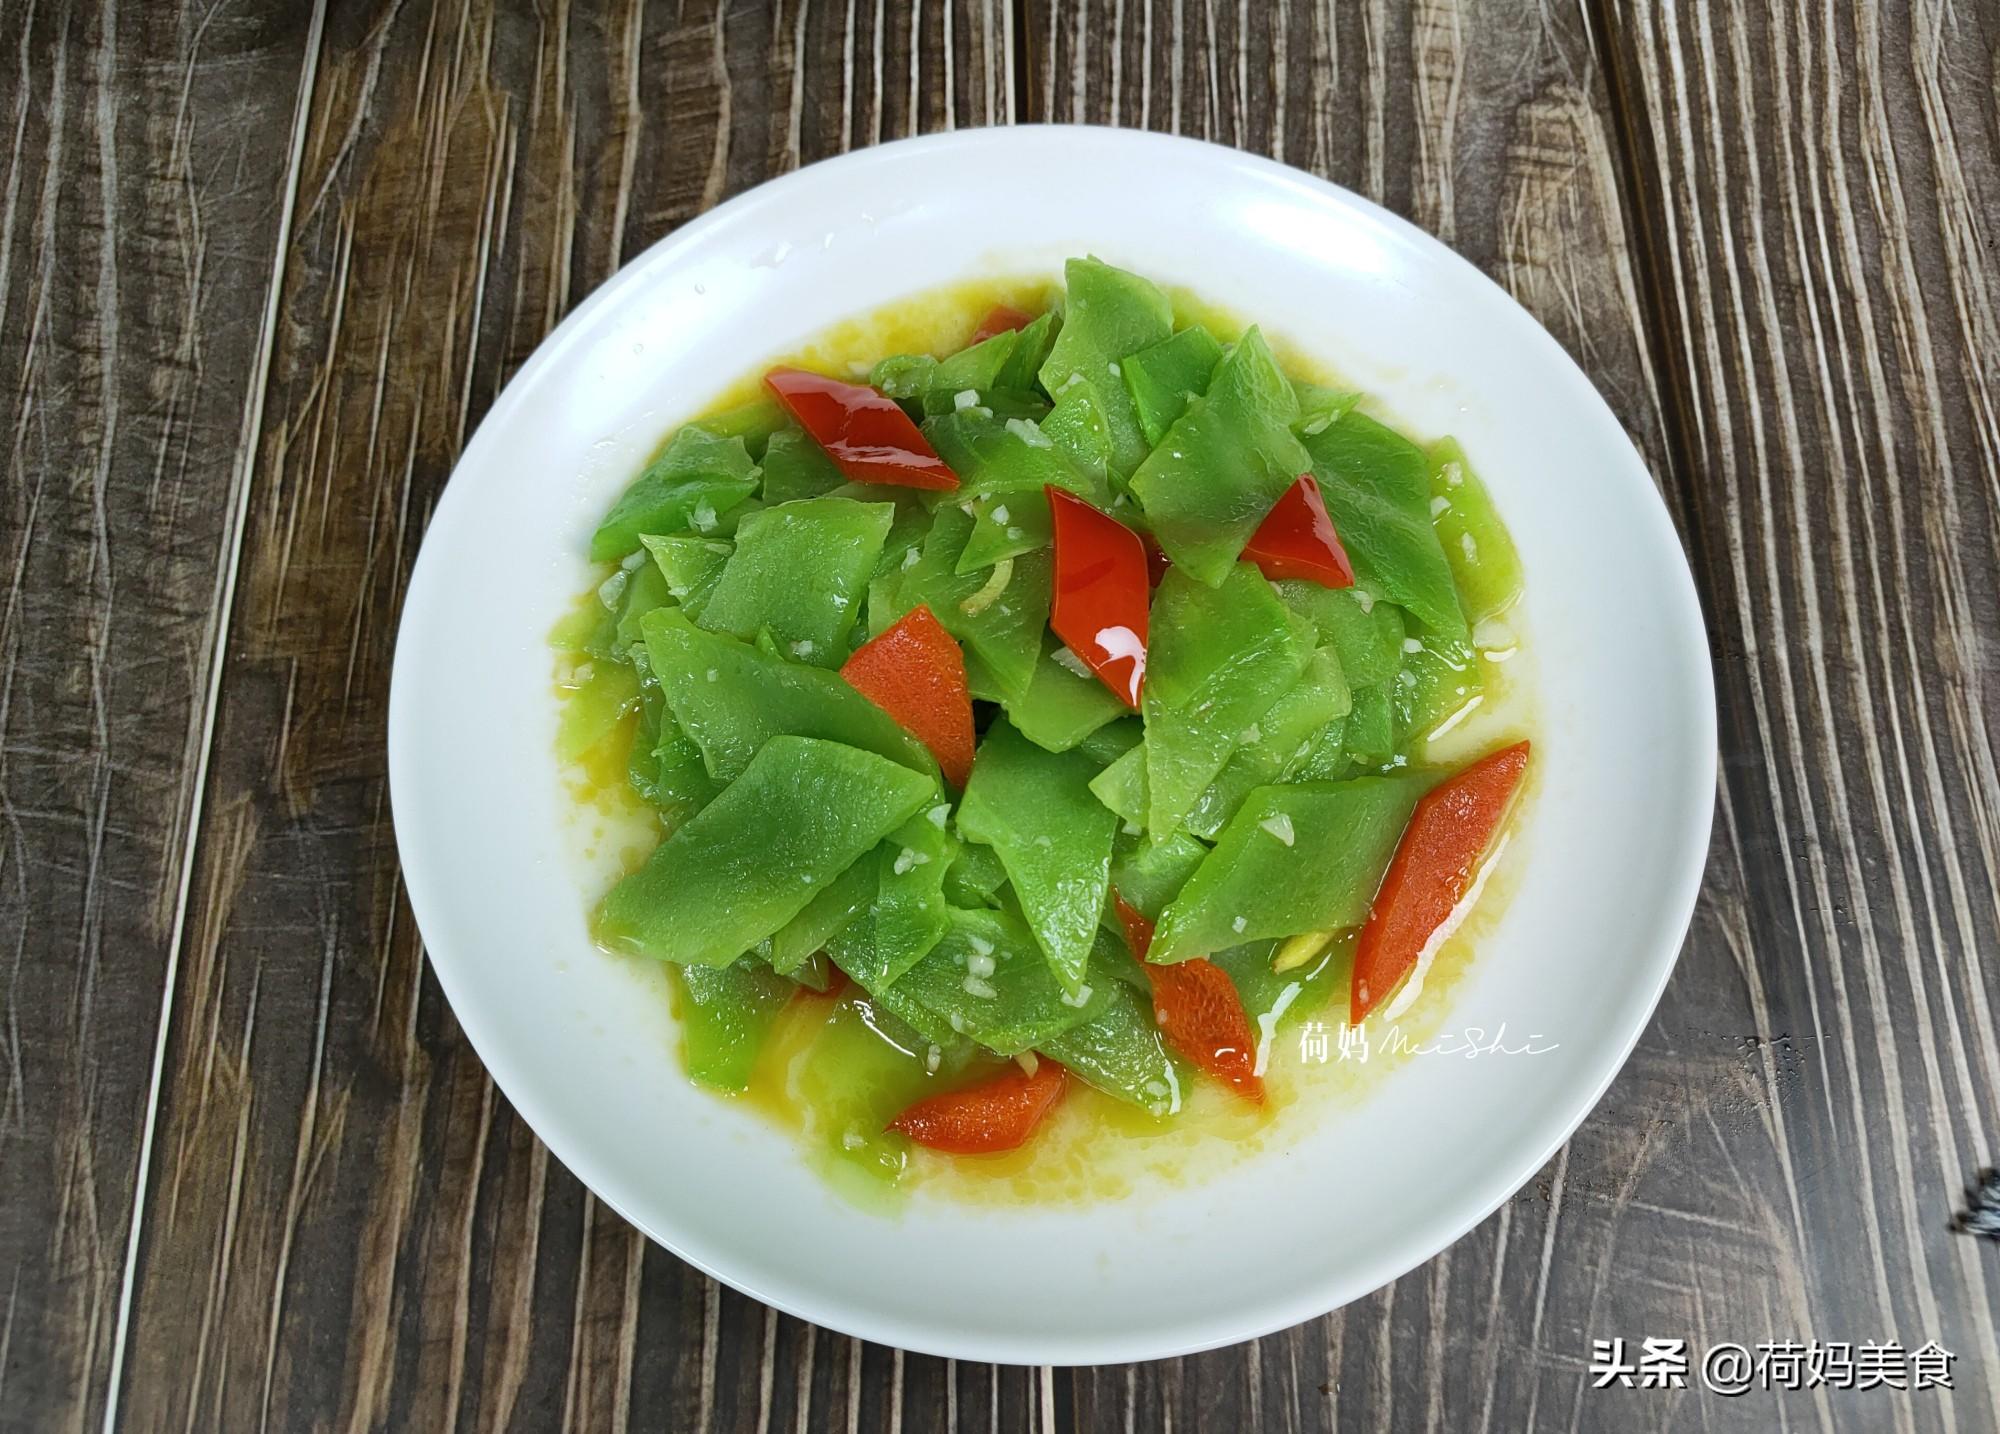 晒晒妈妈用心做的晚餐,四菜一汤真丰盛,简单家常、营养味美 美食做法 第6张